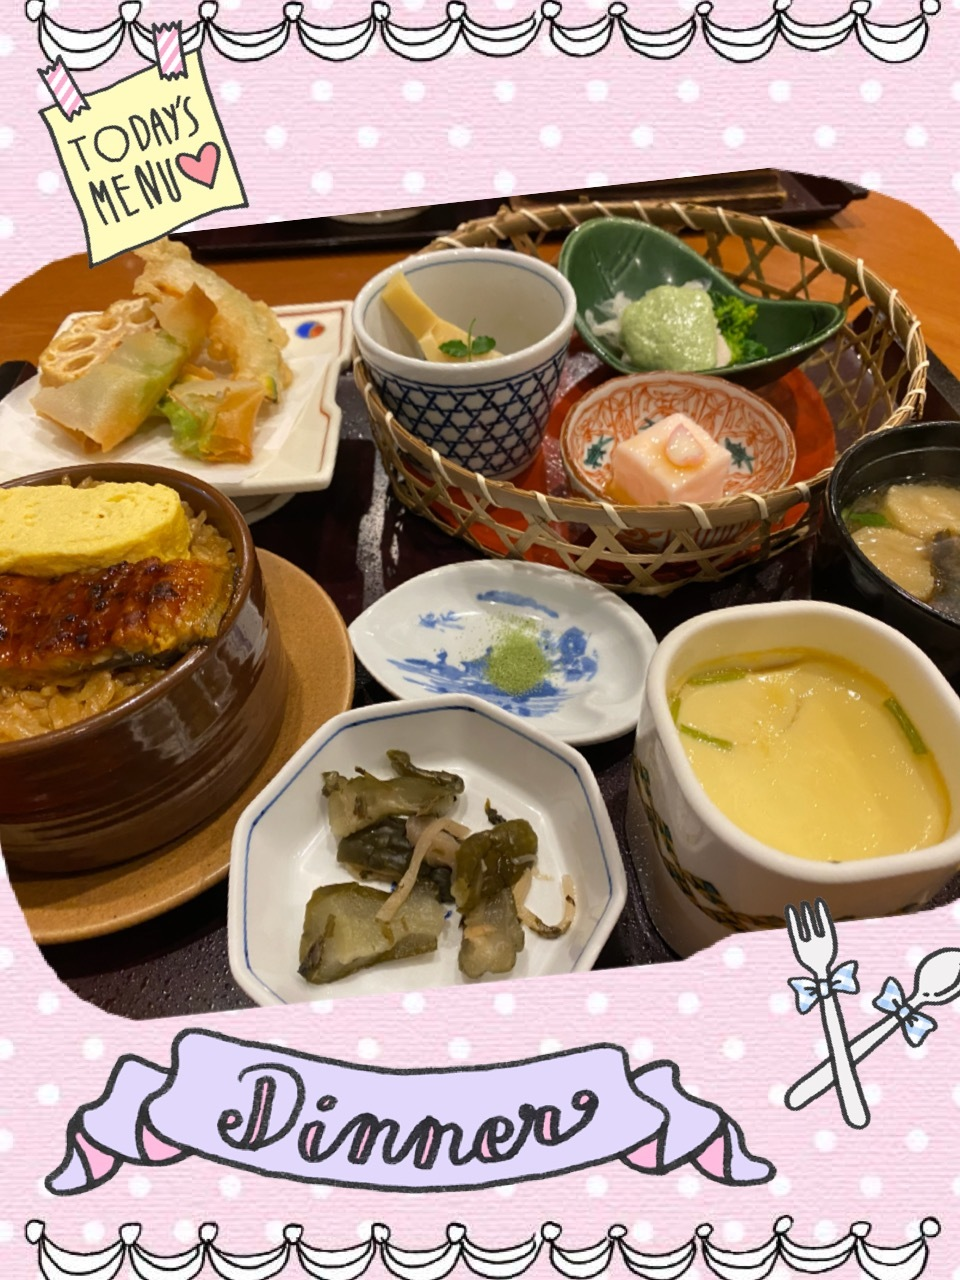 4ヶ月ぶりの外食・・・☆_f0177125_08405986.jpeg